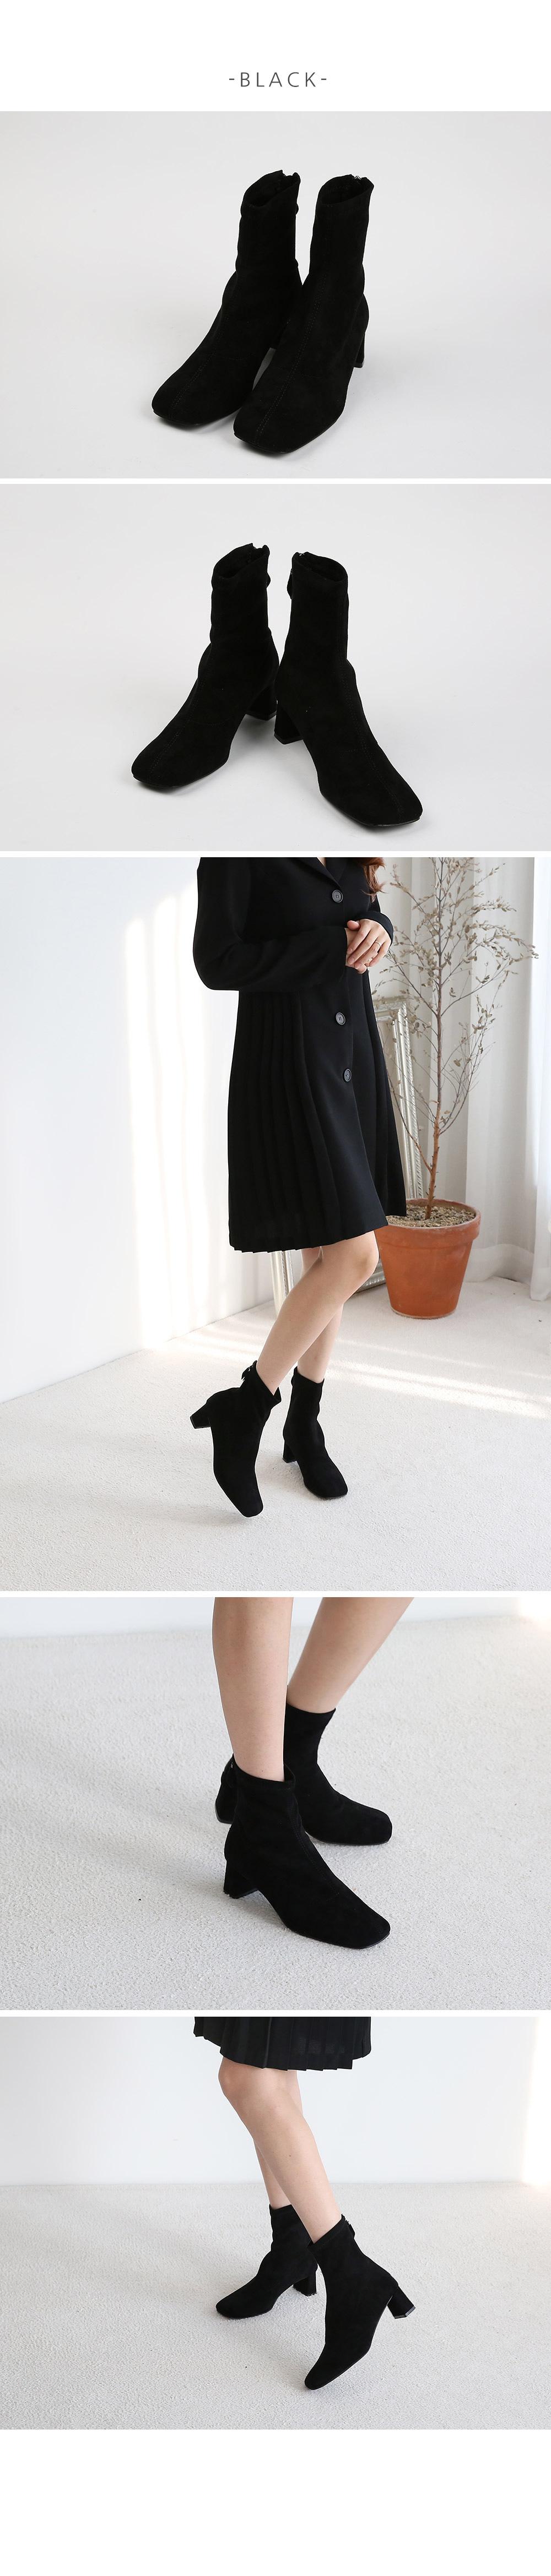 더보이더걸WS-6666(4cm) 여자 미들부츠 가을 미들힐 - 더보이더걸, 51,800원, 부츠, 앵클부츠